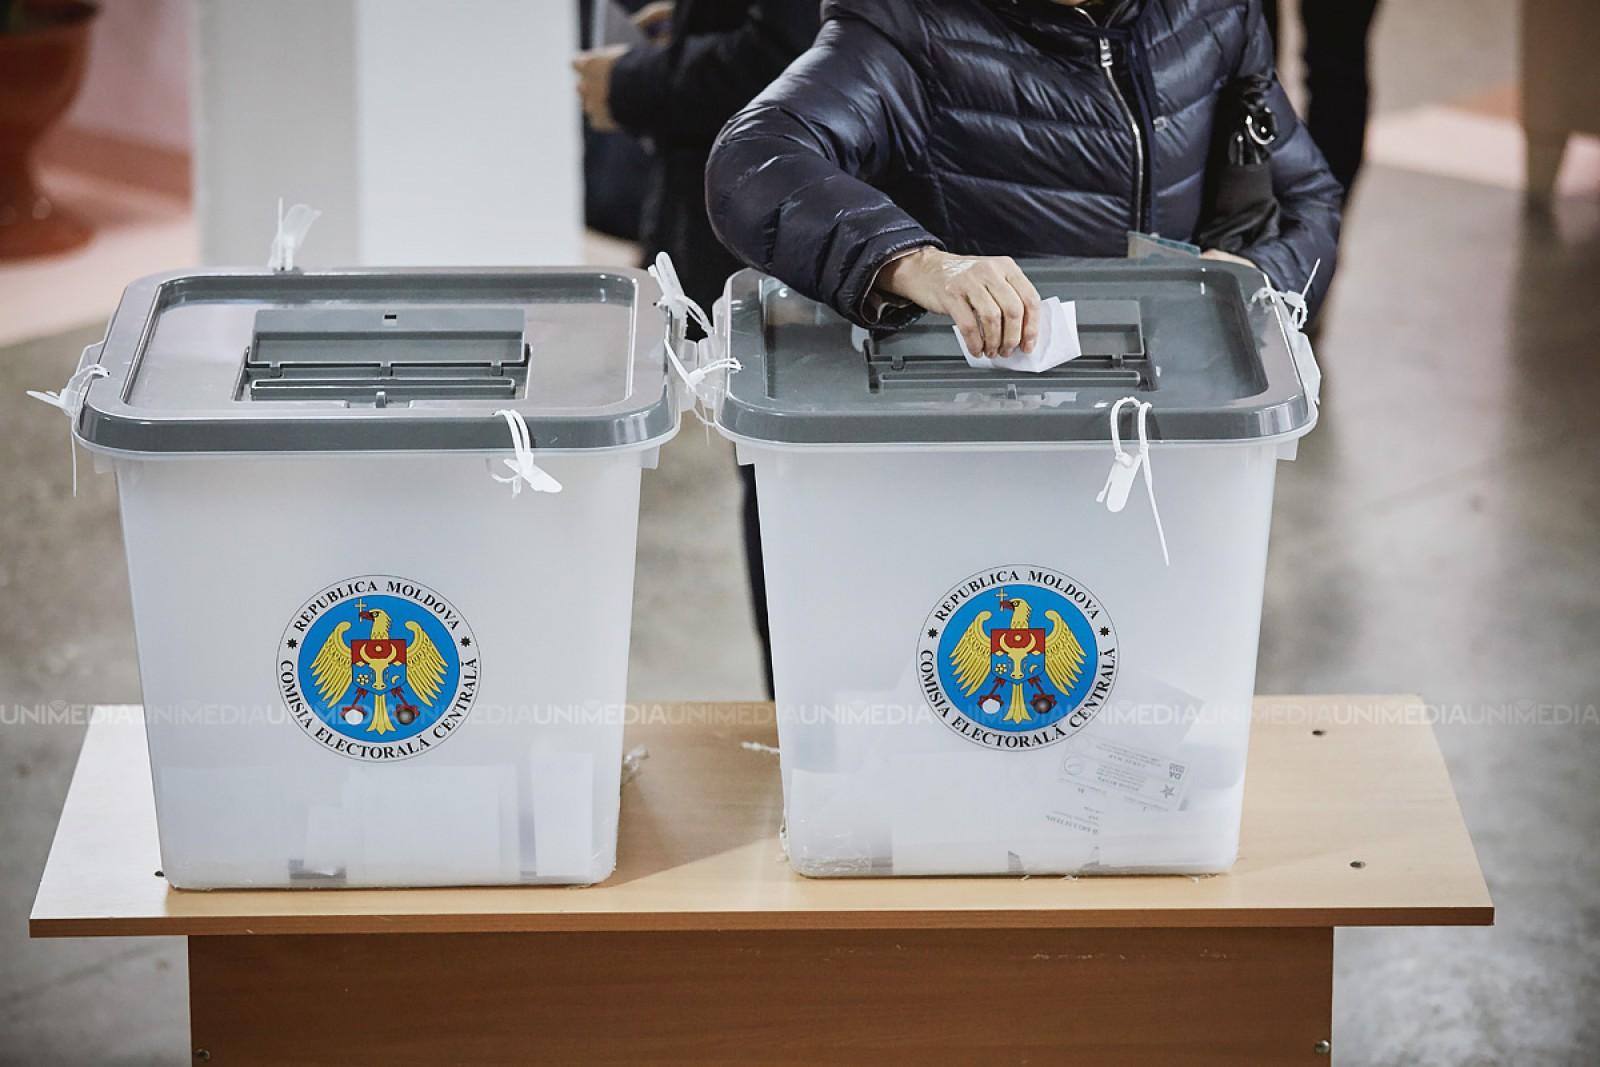 Promo-LEX a depistat mai multe încălcări la alegerile locale anticipate de duminică: Parlamentari lângă secțiile de votare